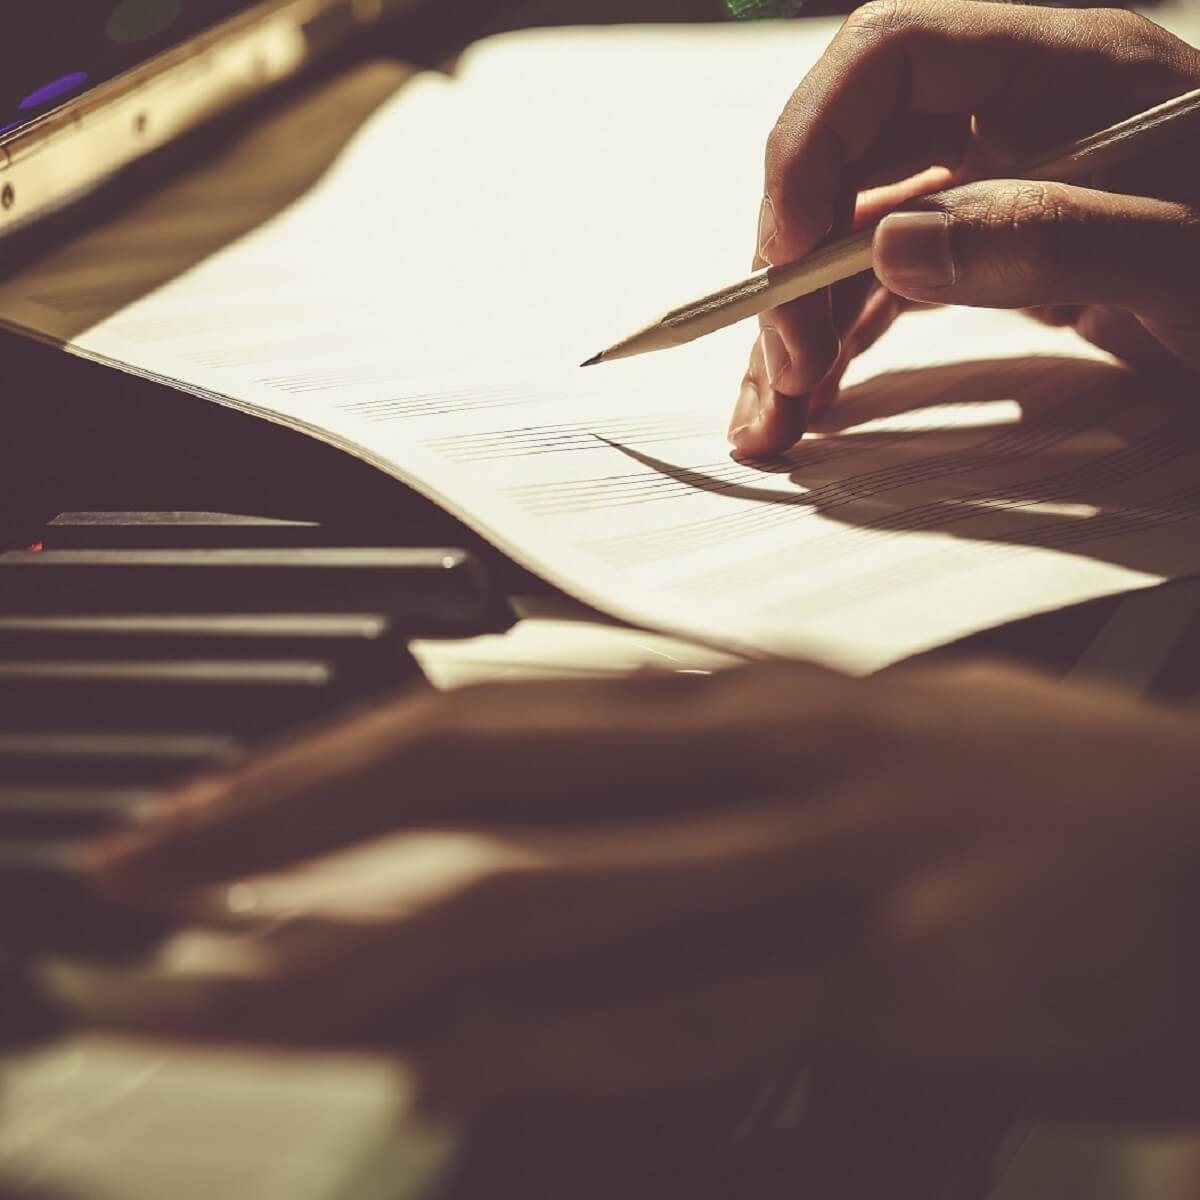 ピアノで作曲している様子。